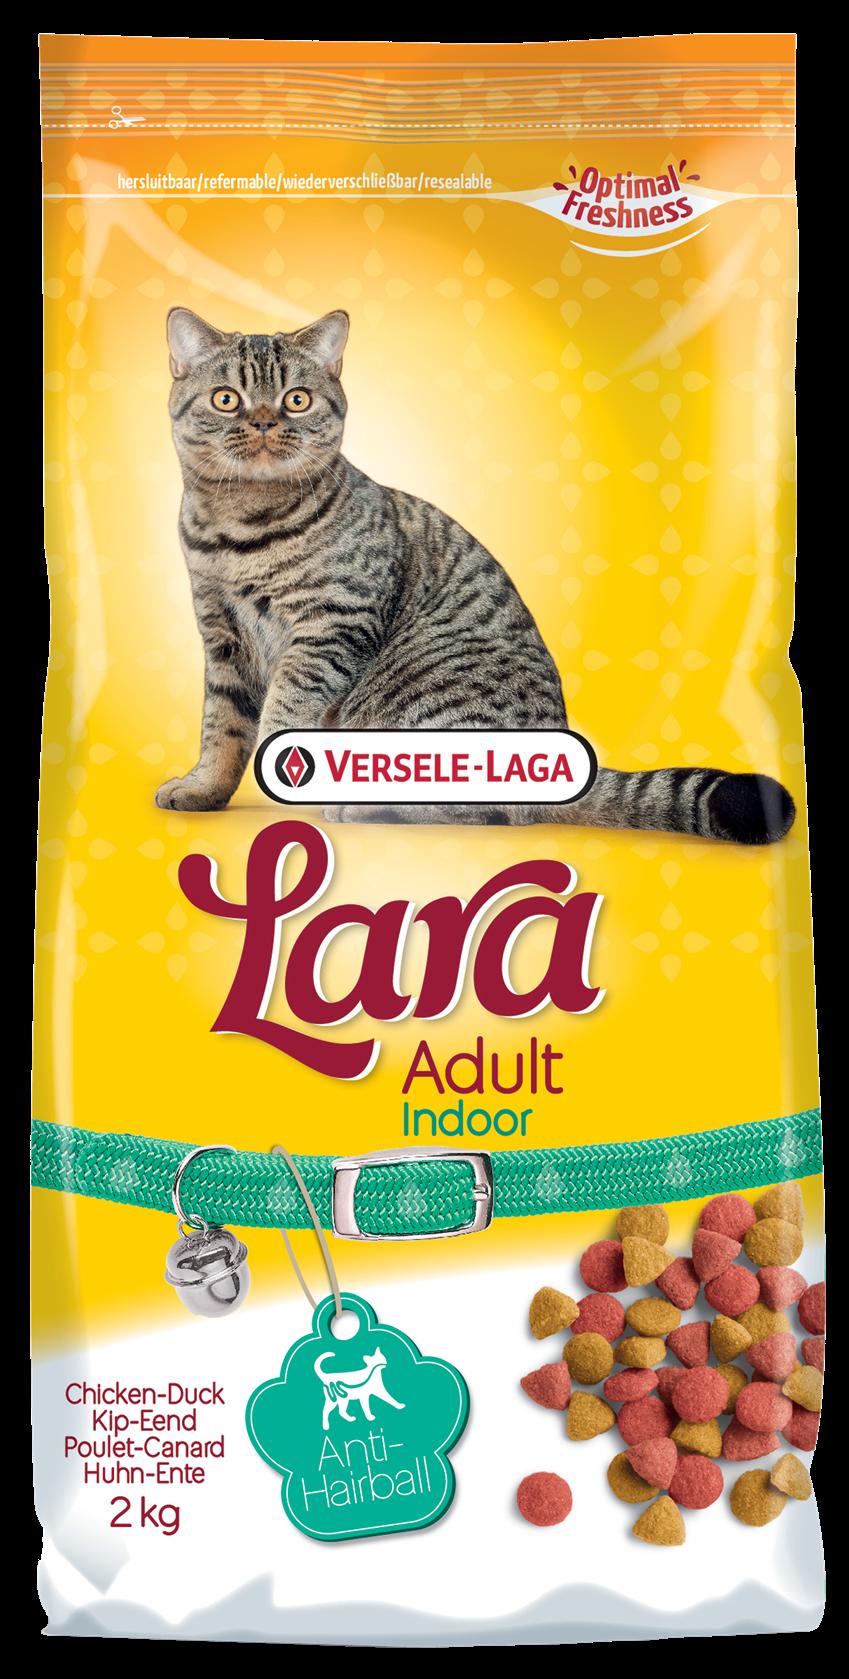 Lara Adult Indoor 2kg